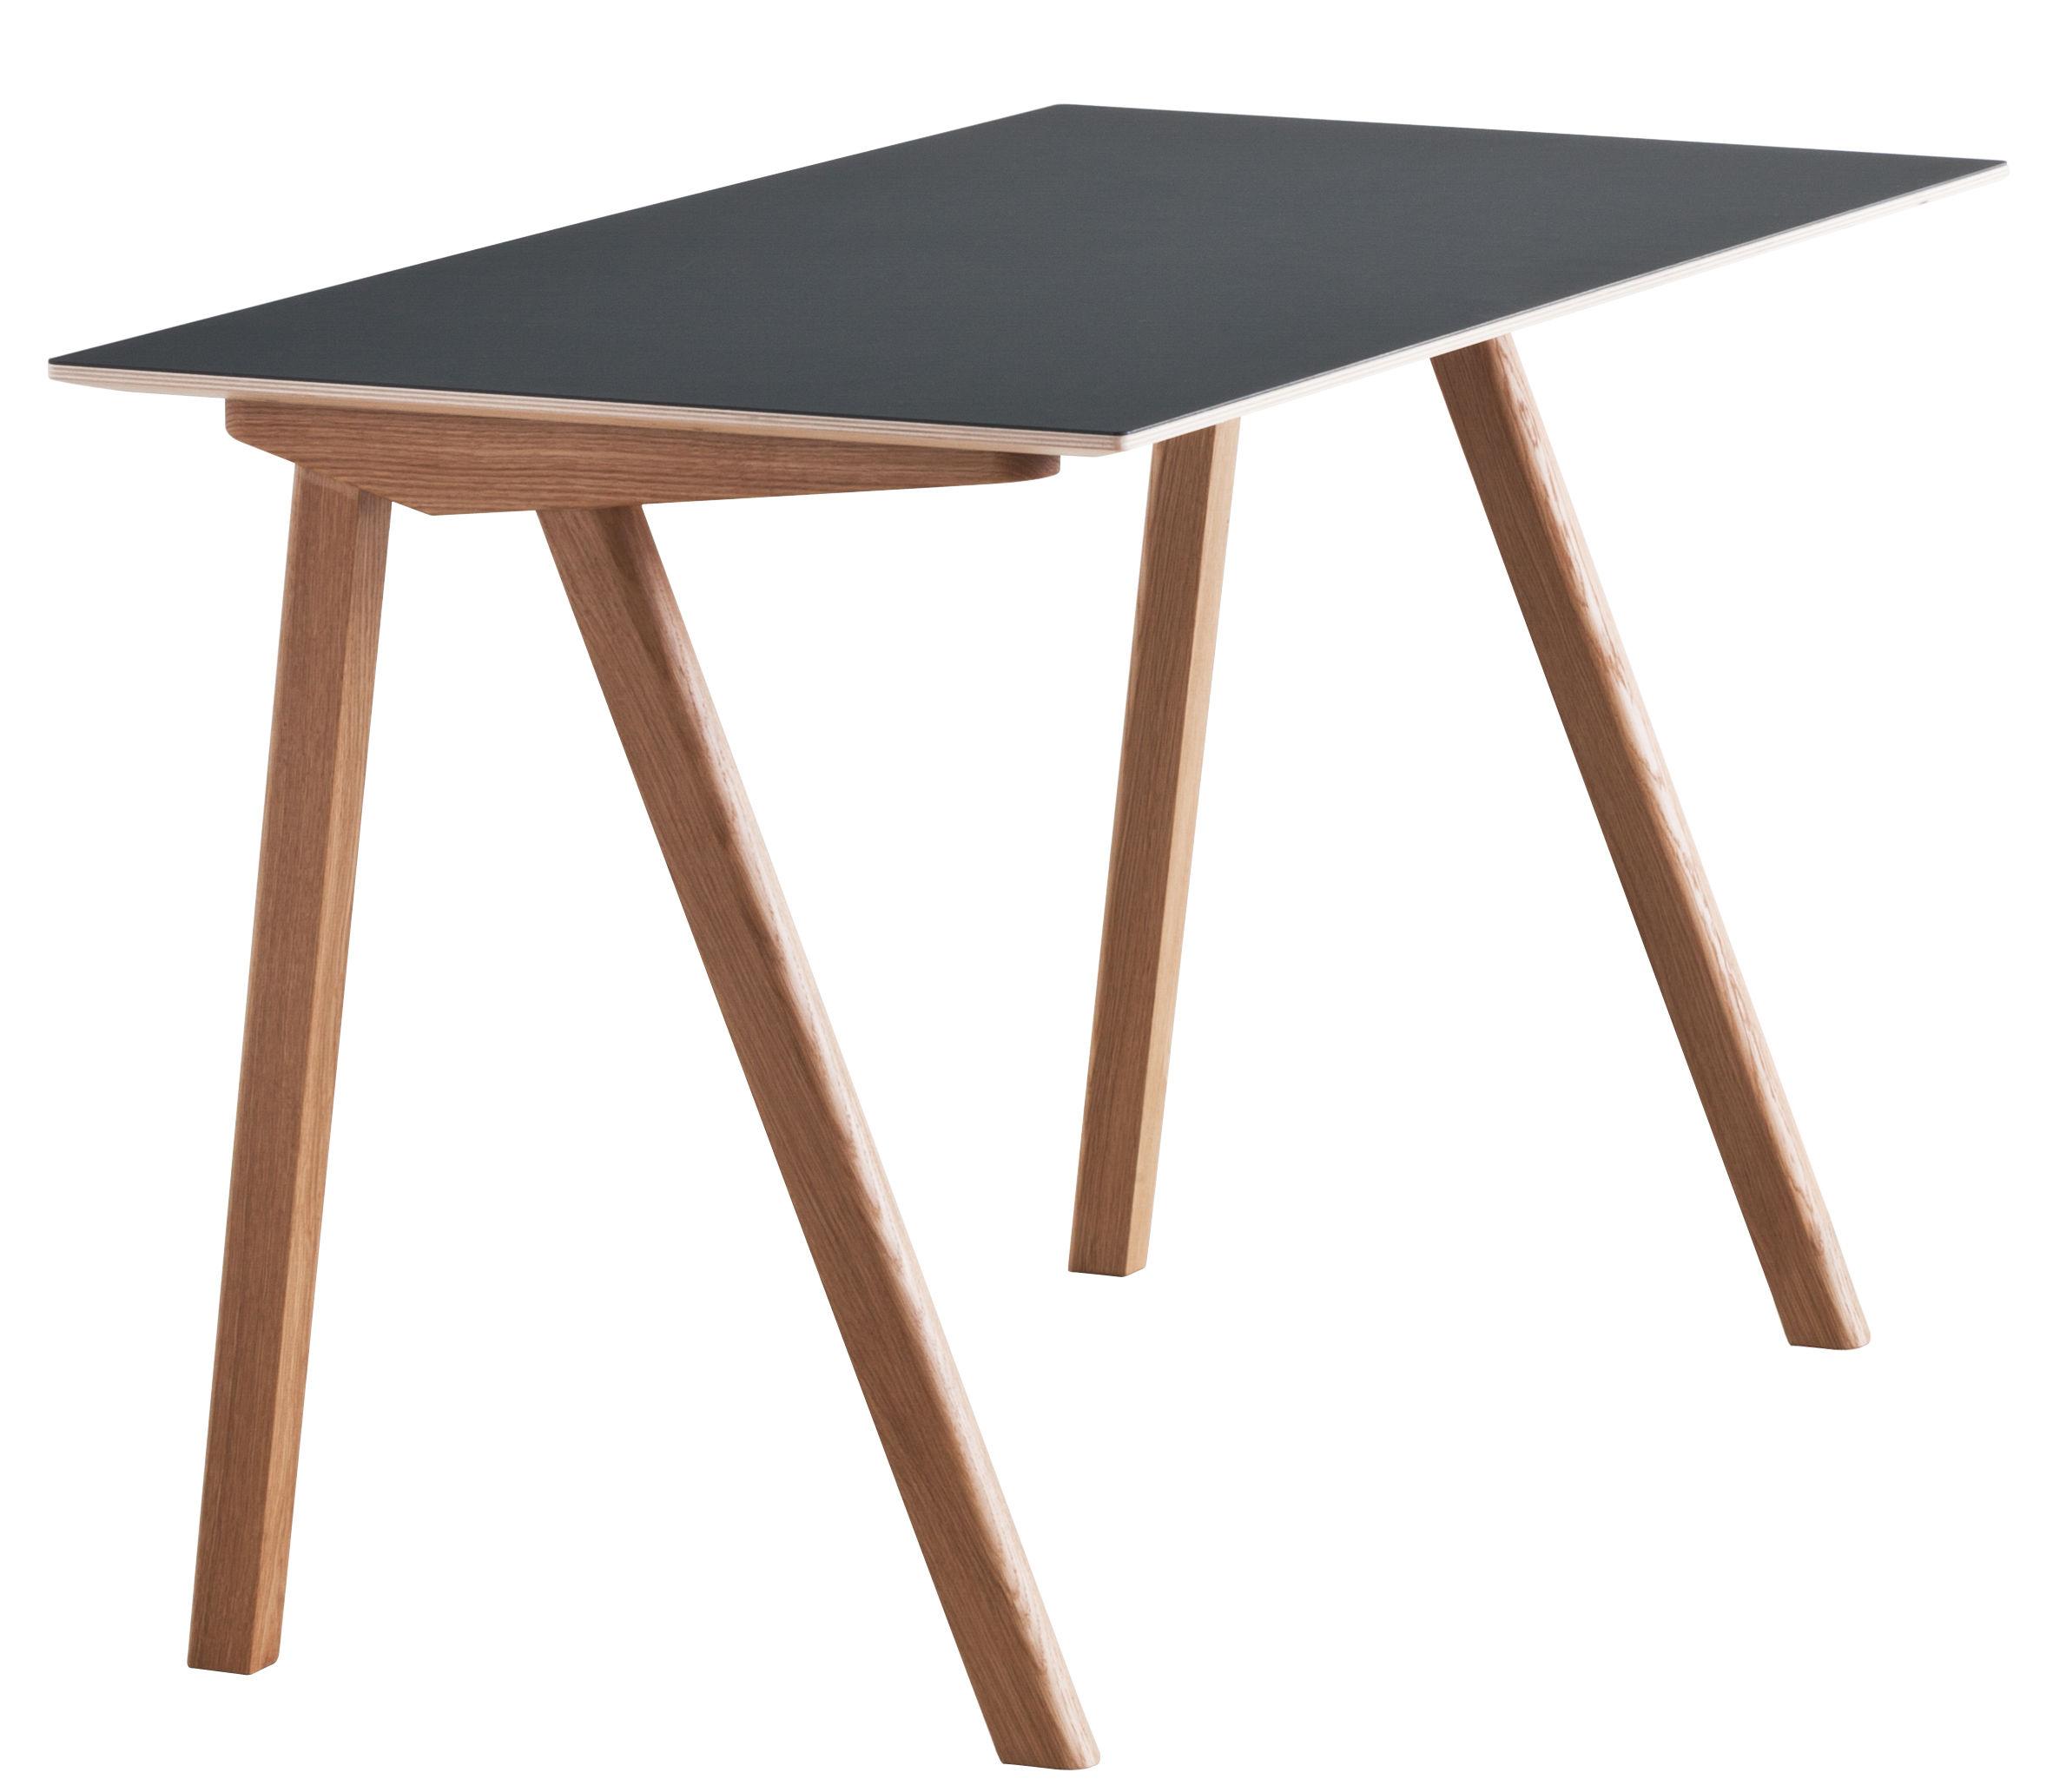 Möbel - Büromöbel - Copenhague n°90 Schreibtisch / Modell 90 - Hay - Dunkelgrün - getönte Eiche, Linoleum